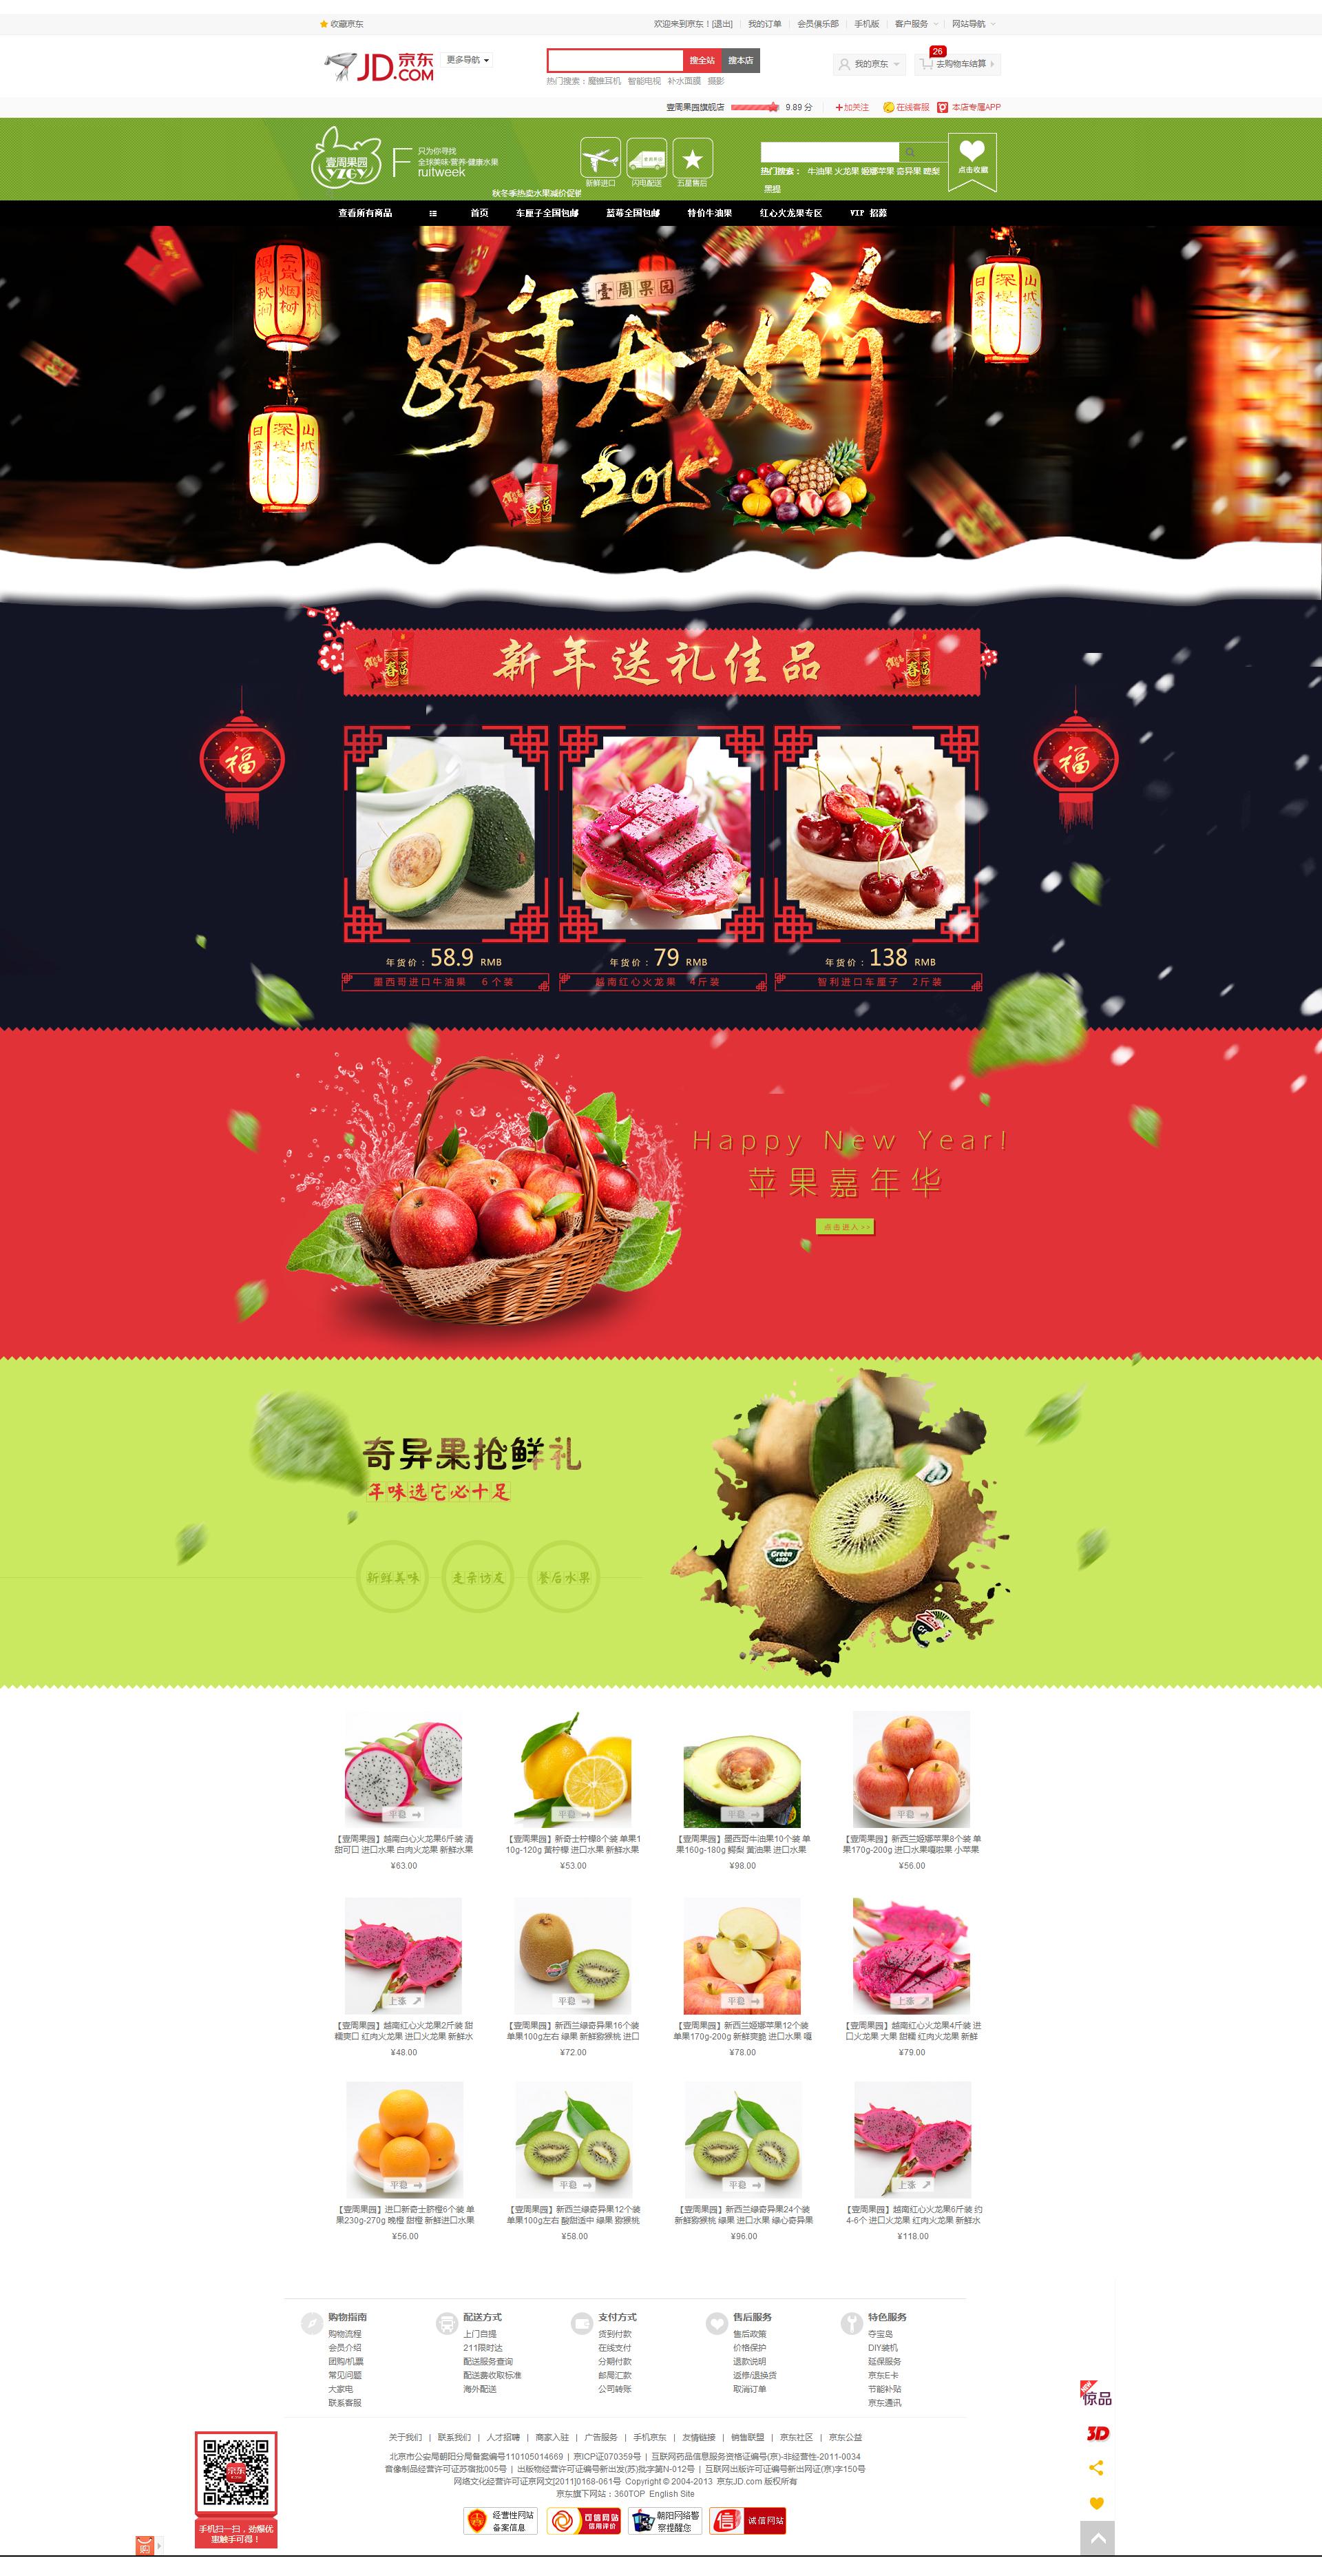 跨年设计 进口水果 水果装修店铺 水果海报 网页设计图片